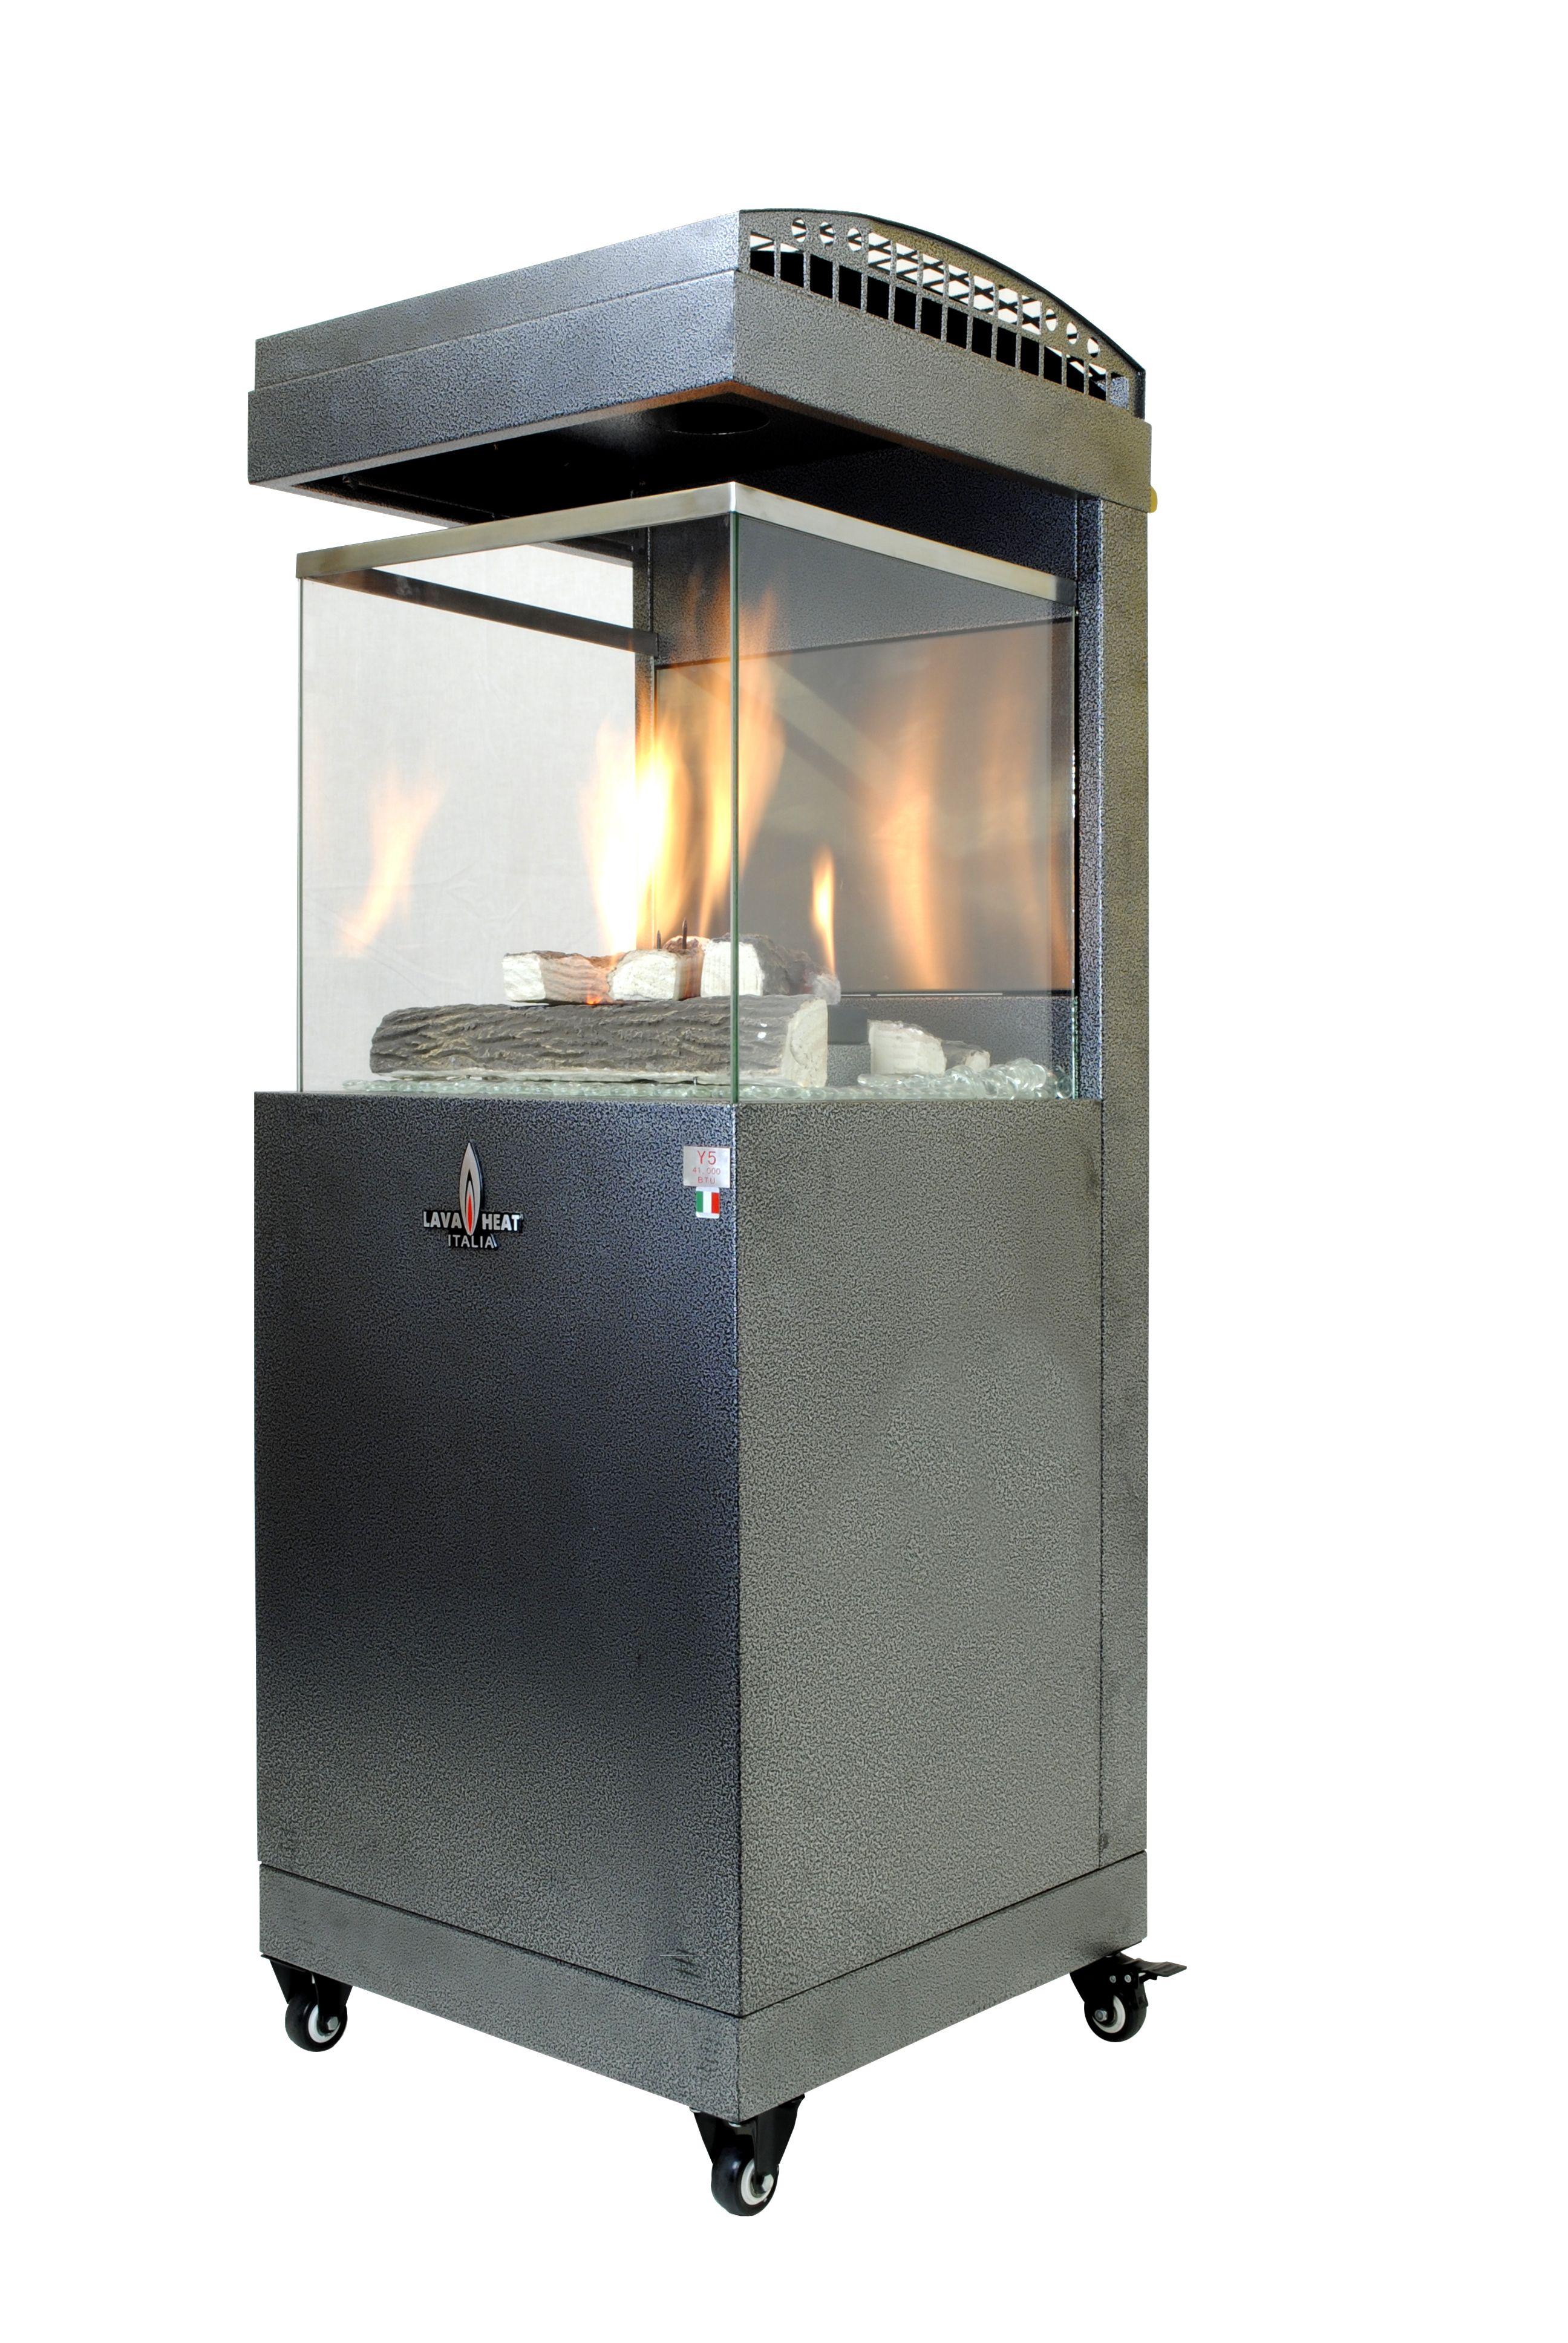 Pandora Y5 Natural Gas Patio Heater Carbon Grey Outdoor Fireplace Patio Patio Heater Natural Gas Patio Heater